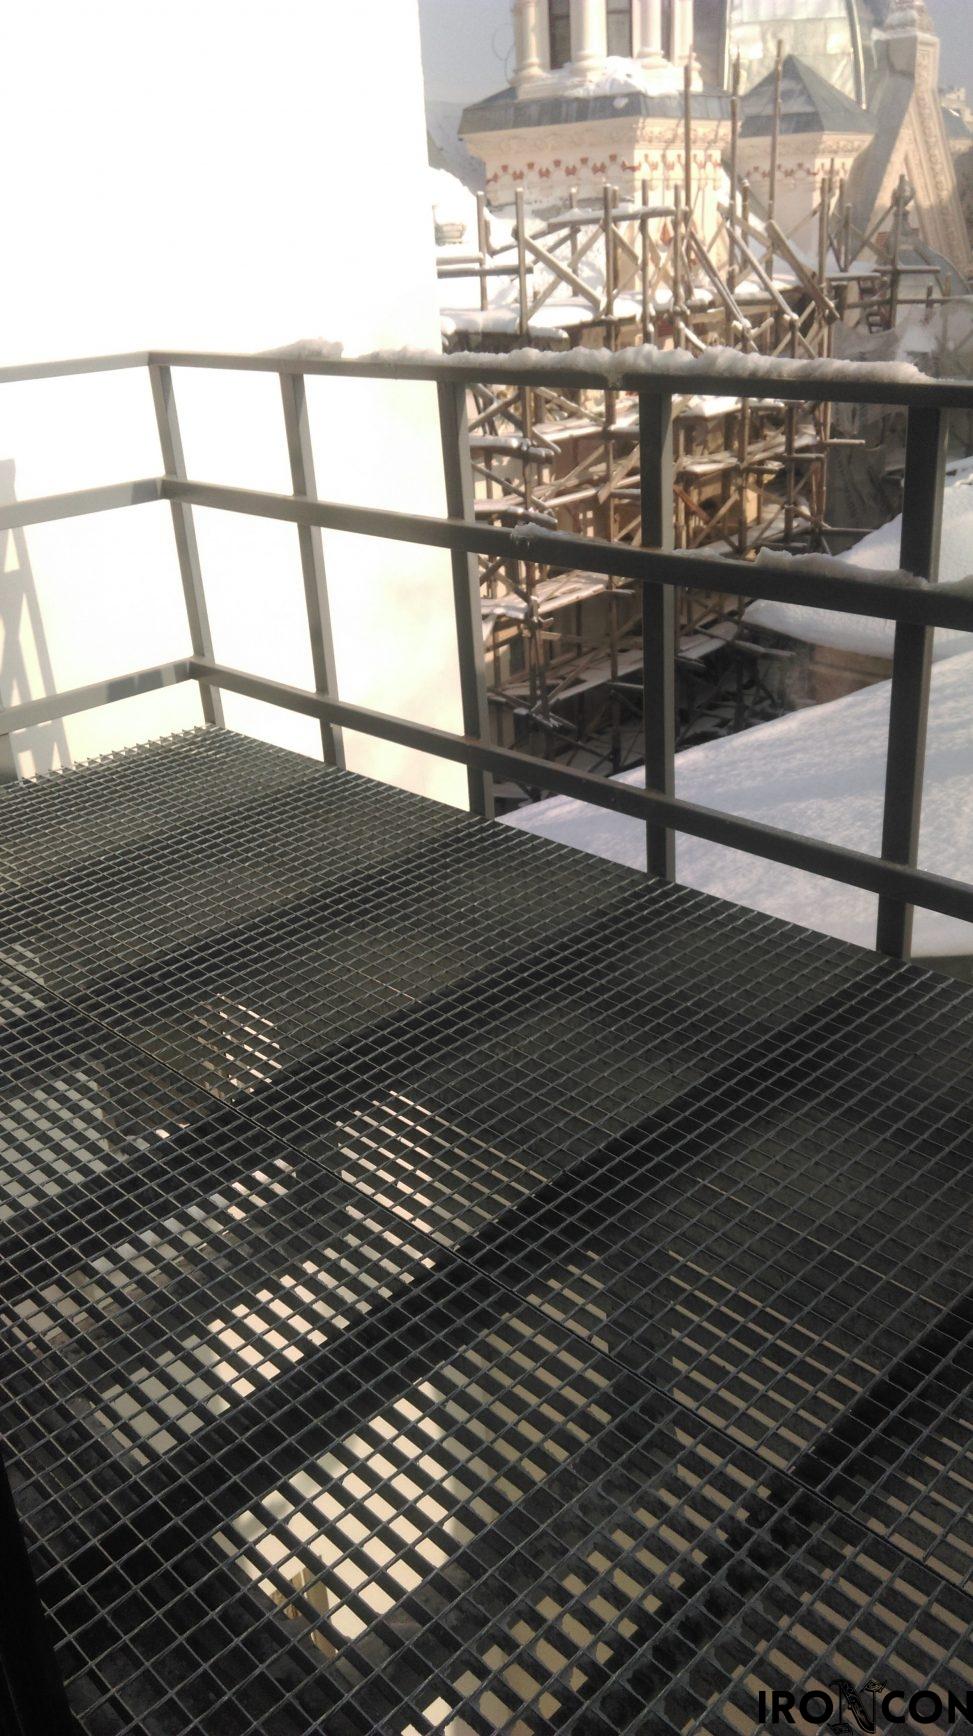 balcon fier forjat in consola 40001-1